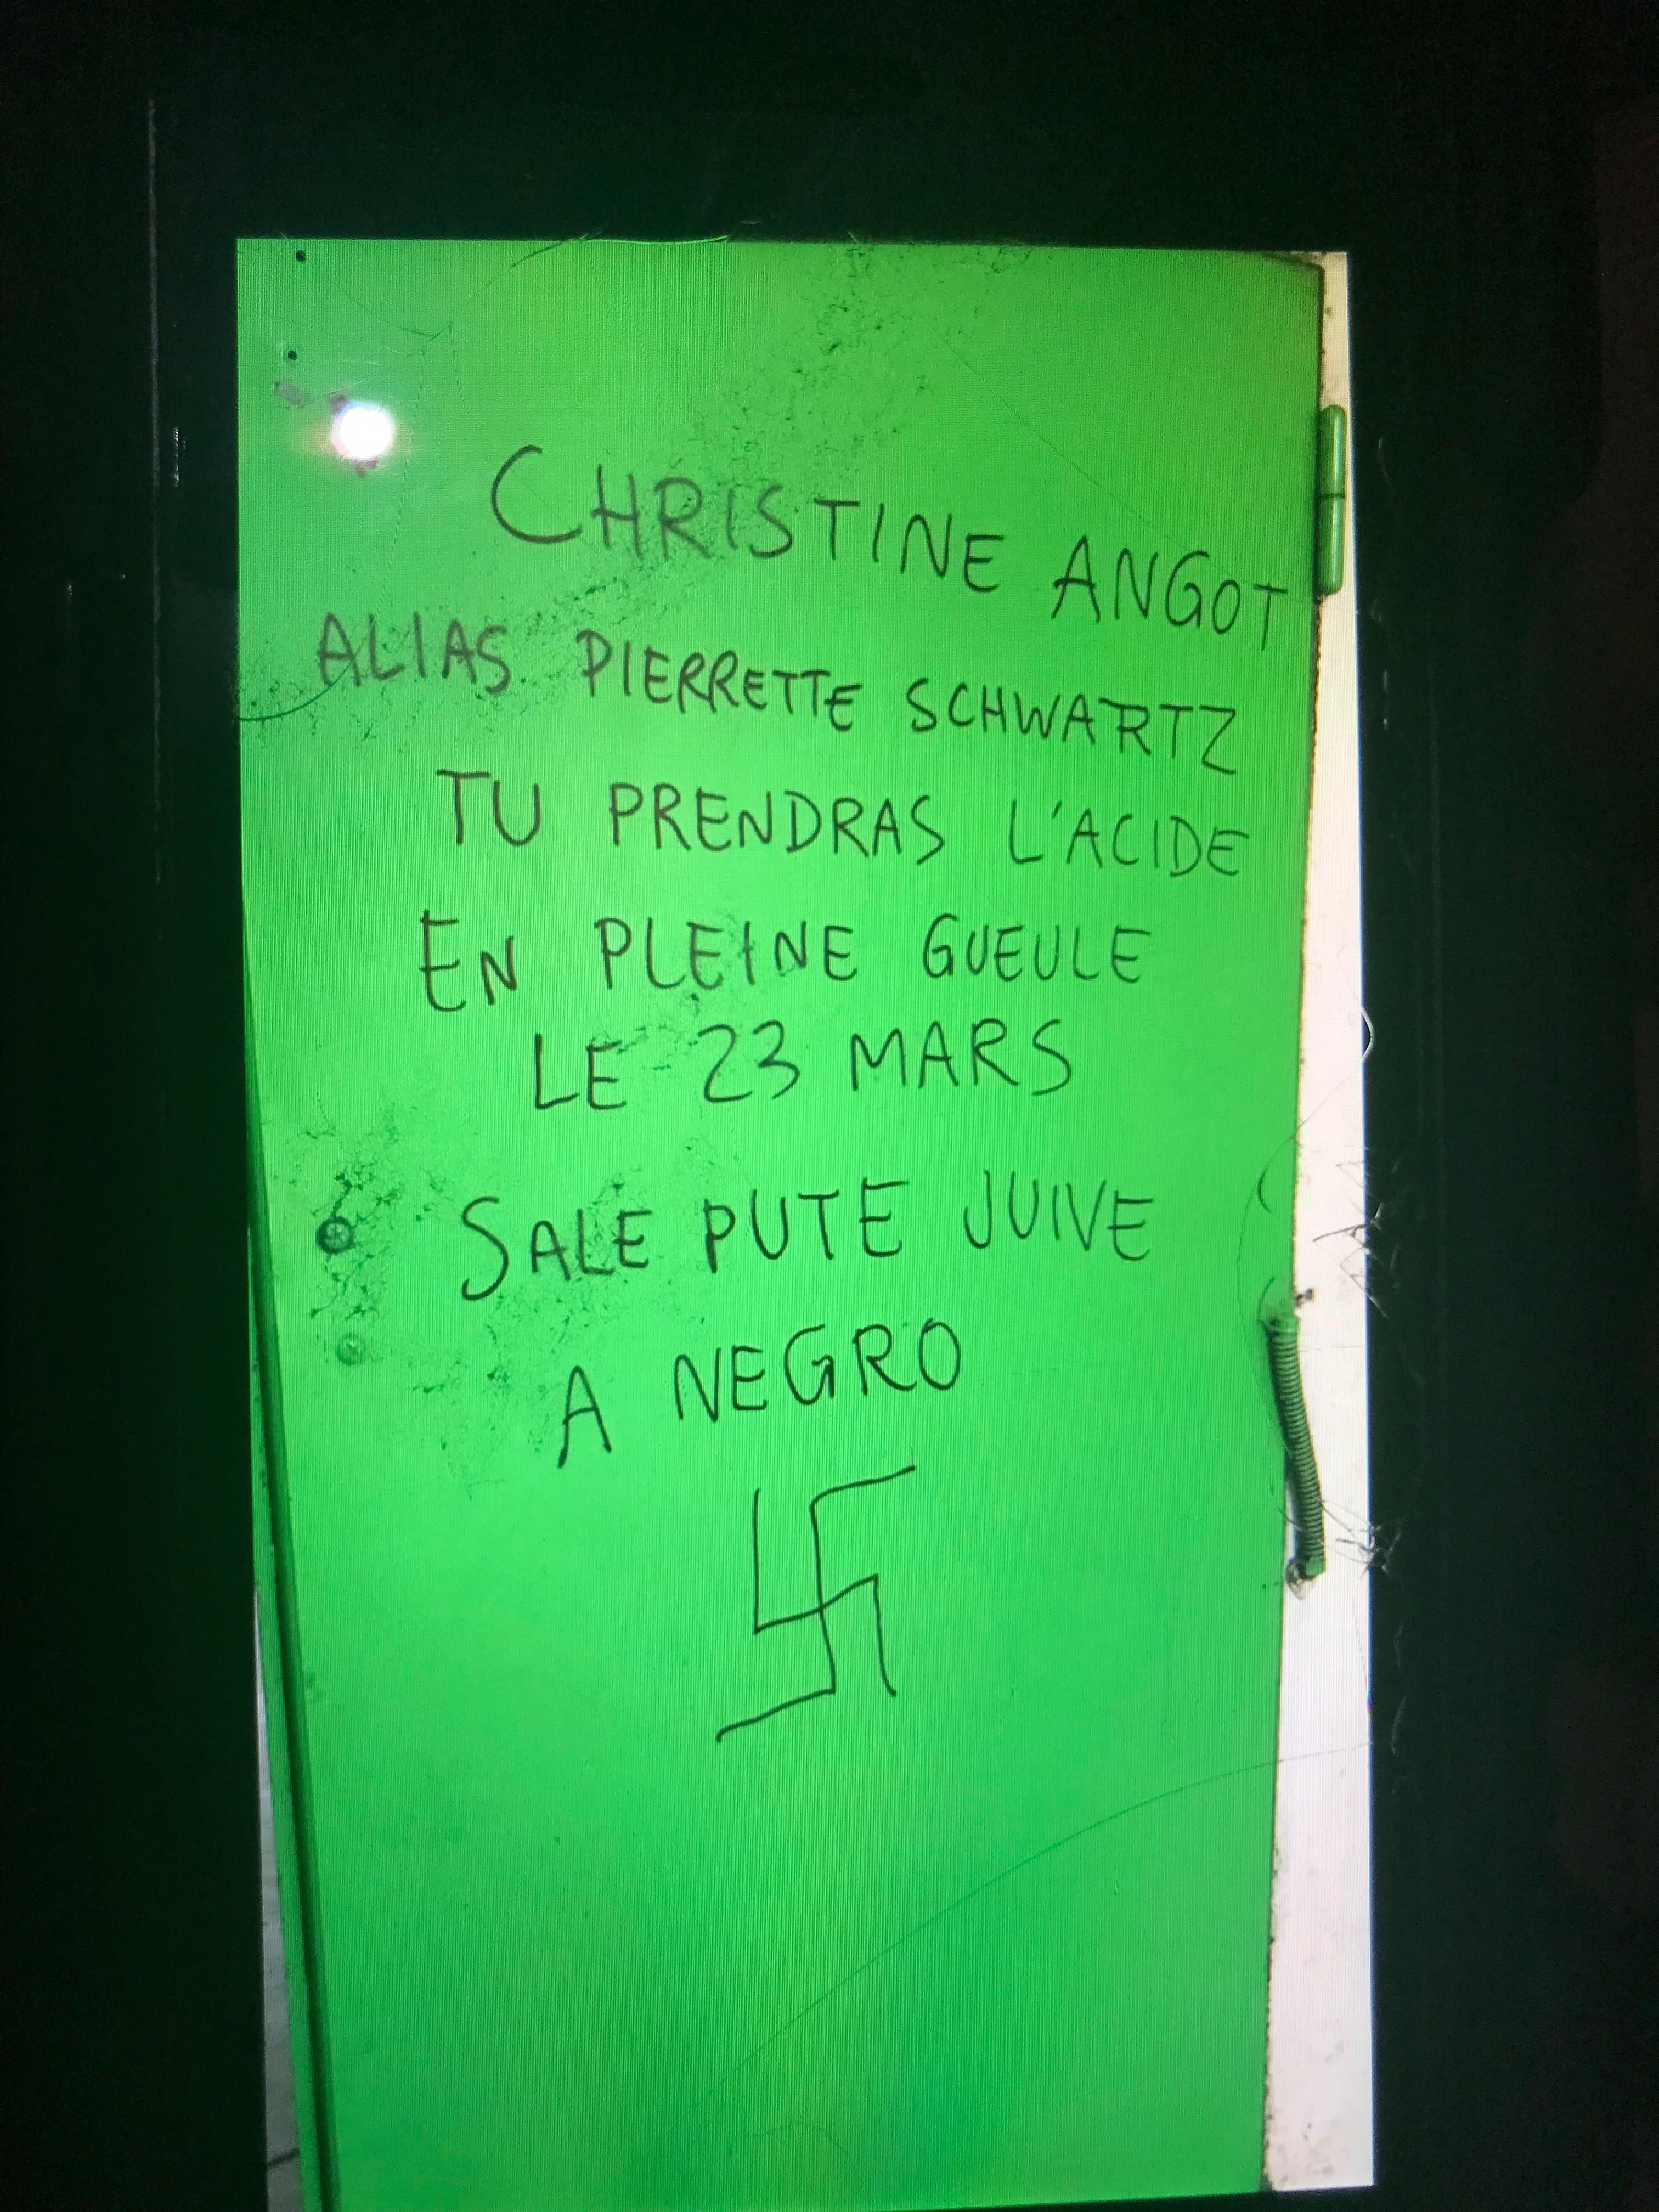 Nouveau tag antisémite, raciste et misogyne ciblant Christine Angot. Vannes, 22 Mars 2018.